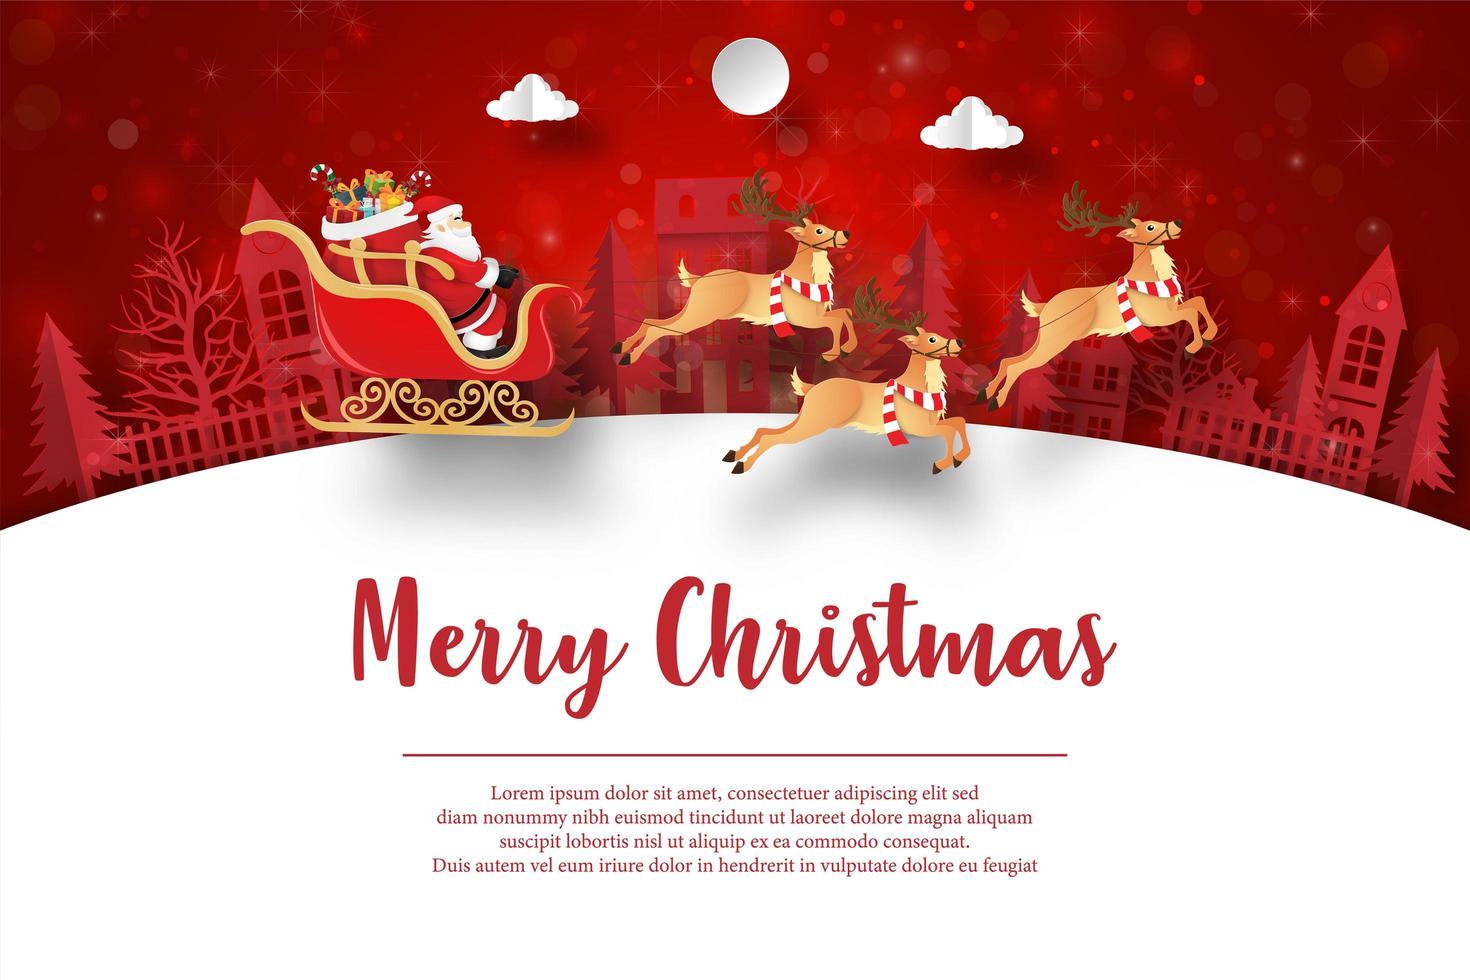 joyeux noël et bonne année, carte postale de noël du père noël dans le village vecteur